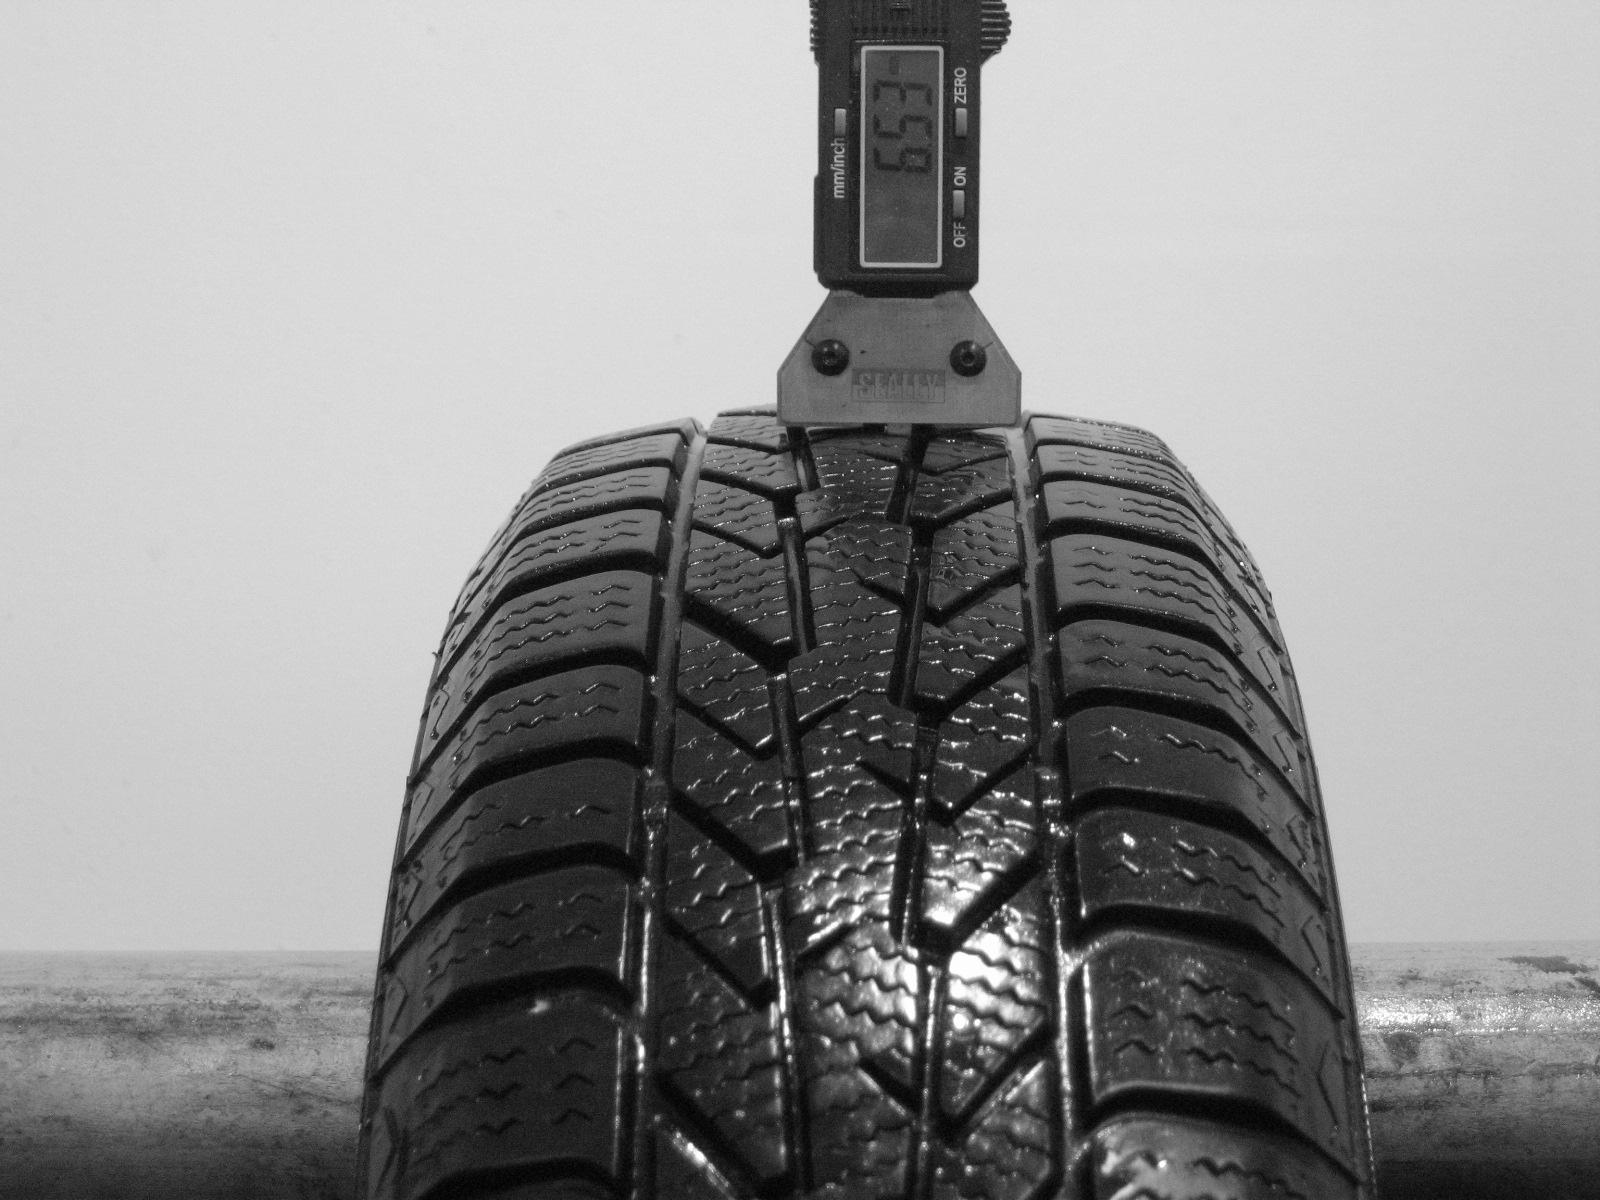 Použité-Pneu-Bazar - 155/70 R13 POINTS WINTERSTAR -kusovka-rezerva 3mm